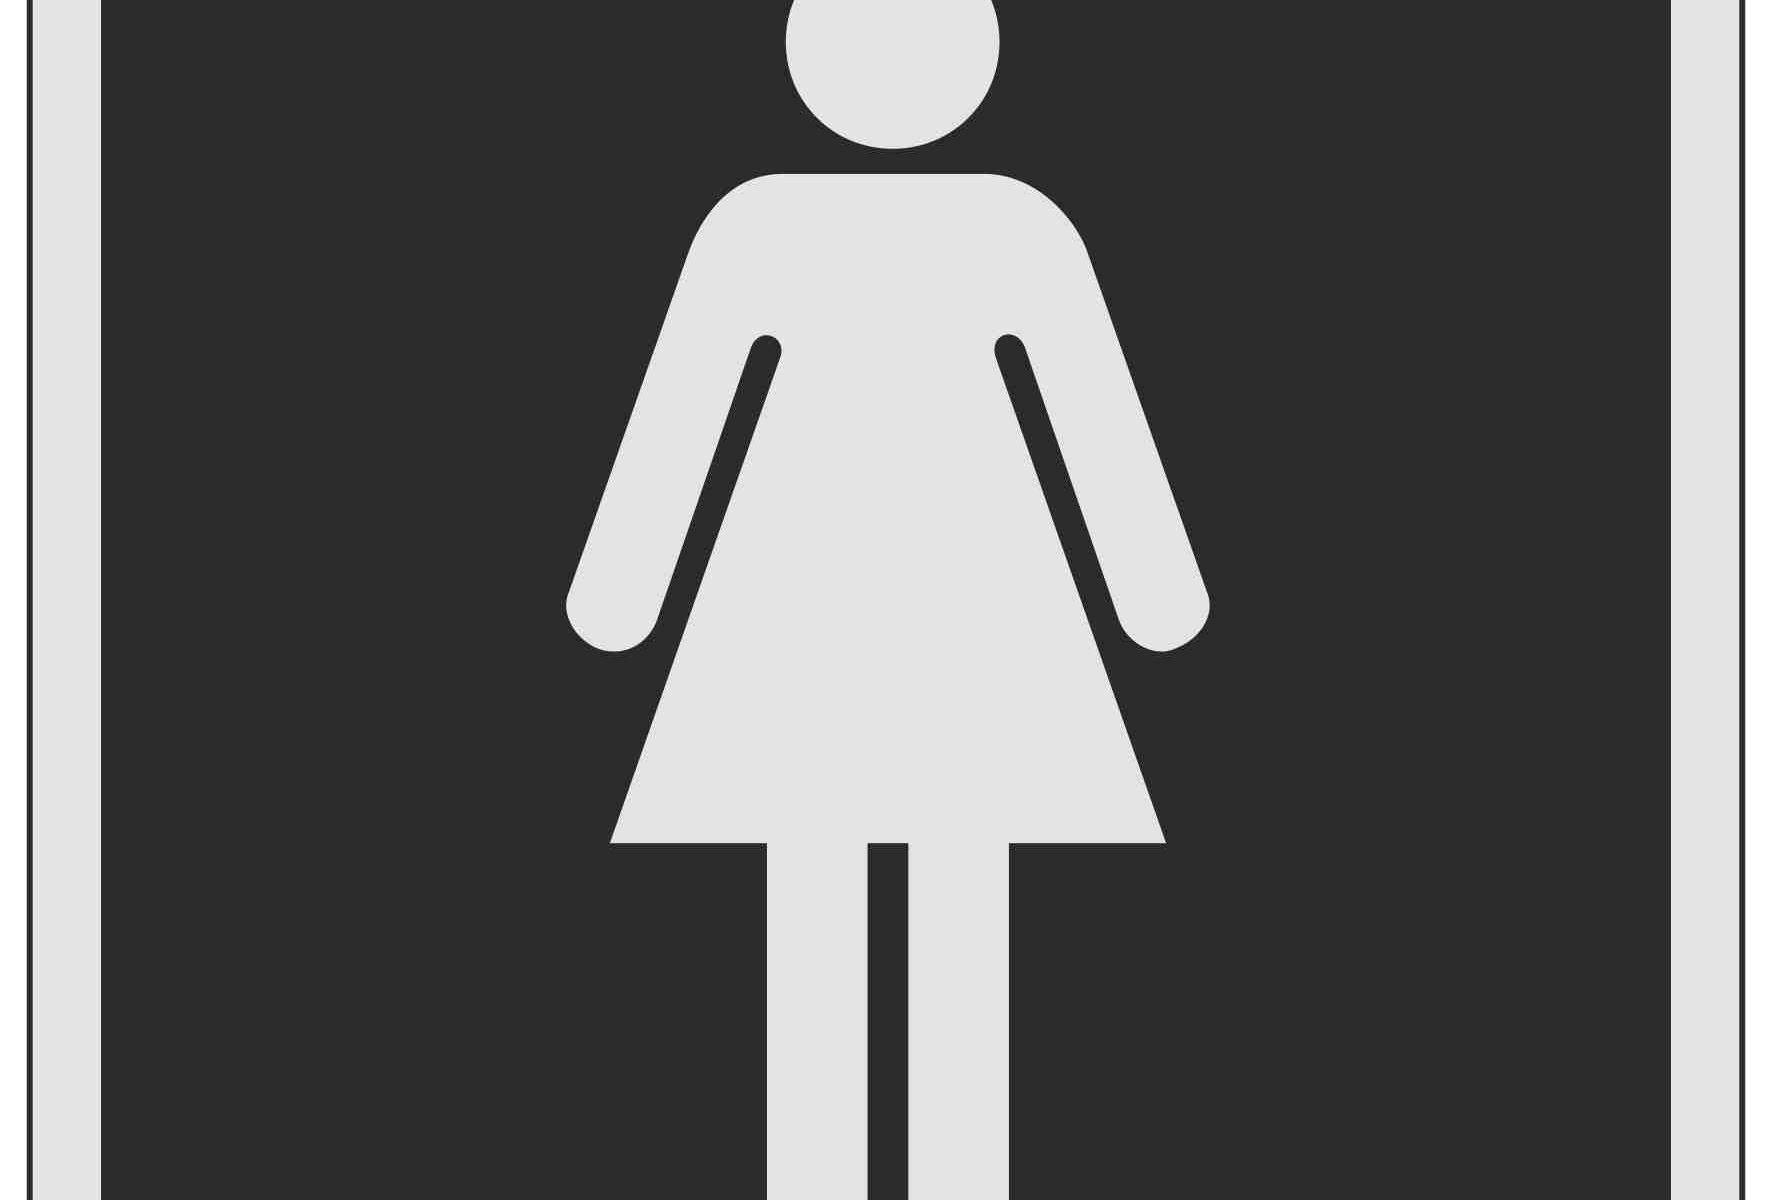 Ladies Symbol Toilet